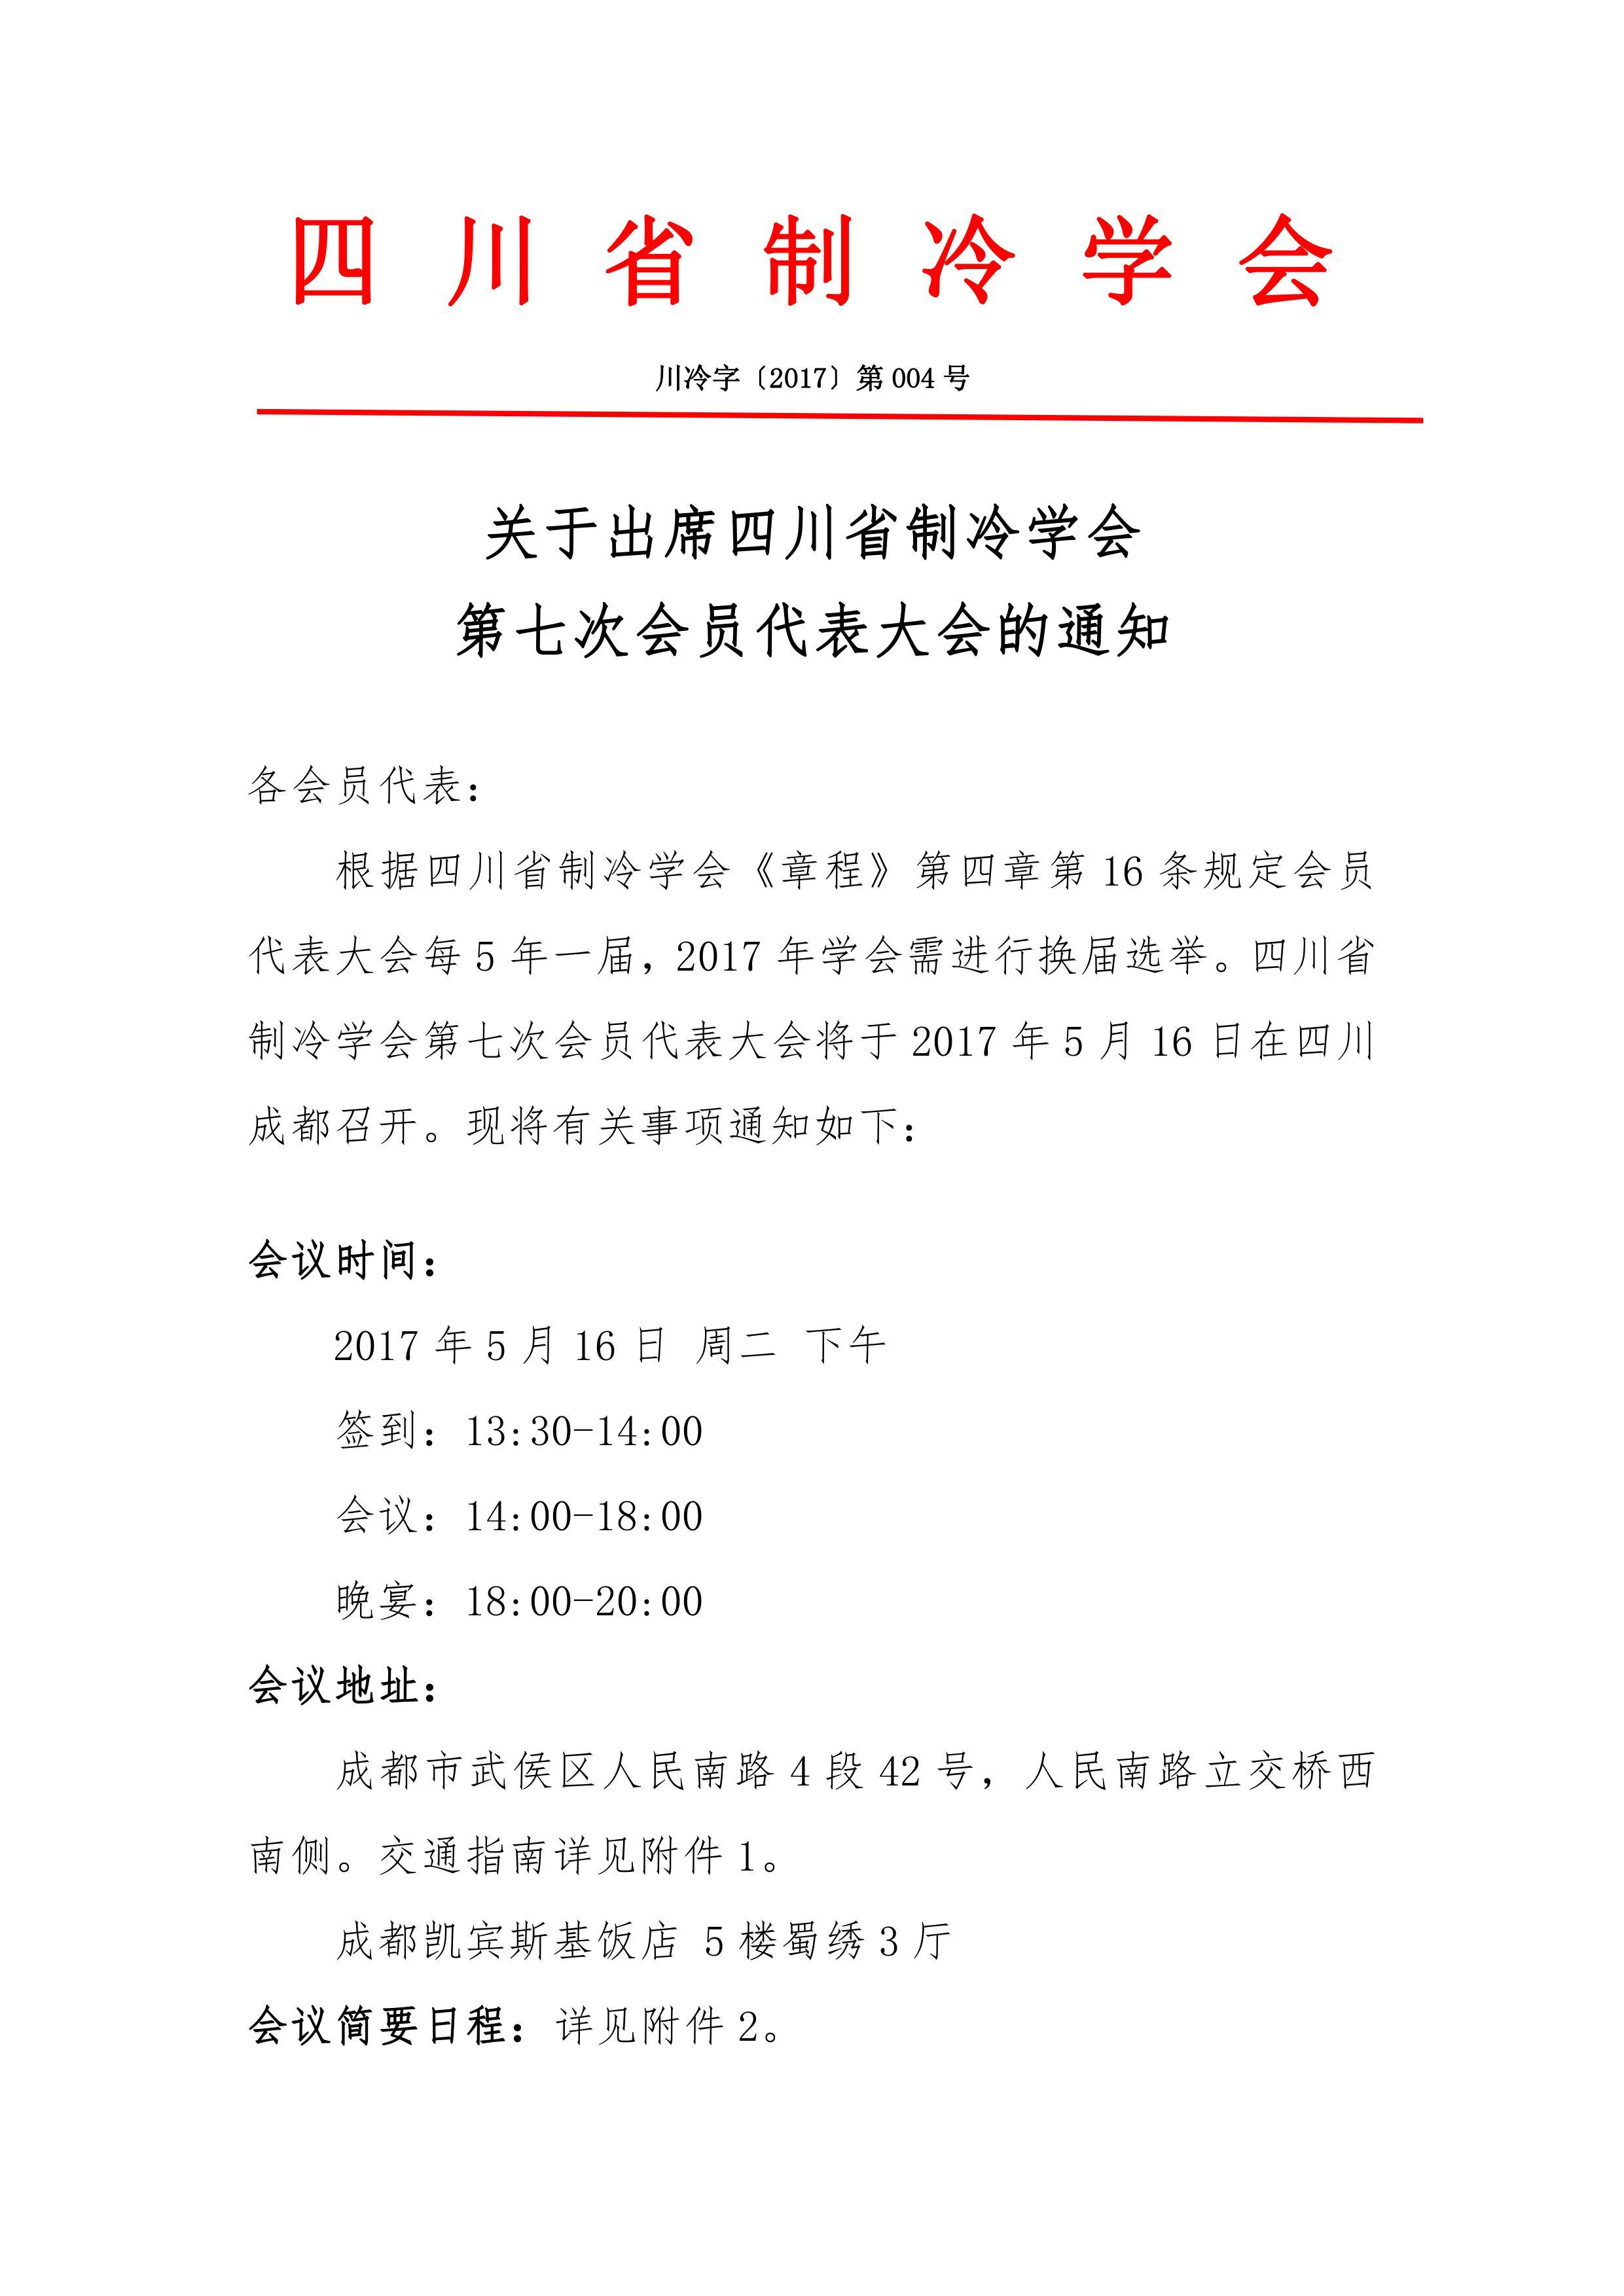 关于出席四川省制冷学会第七次会员代表大会的通知